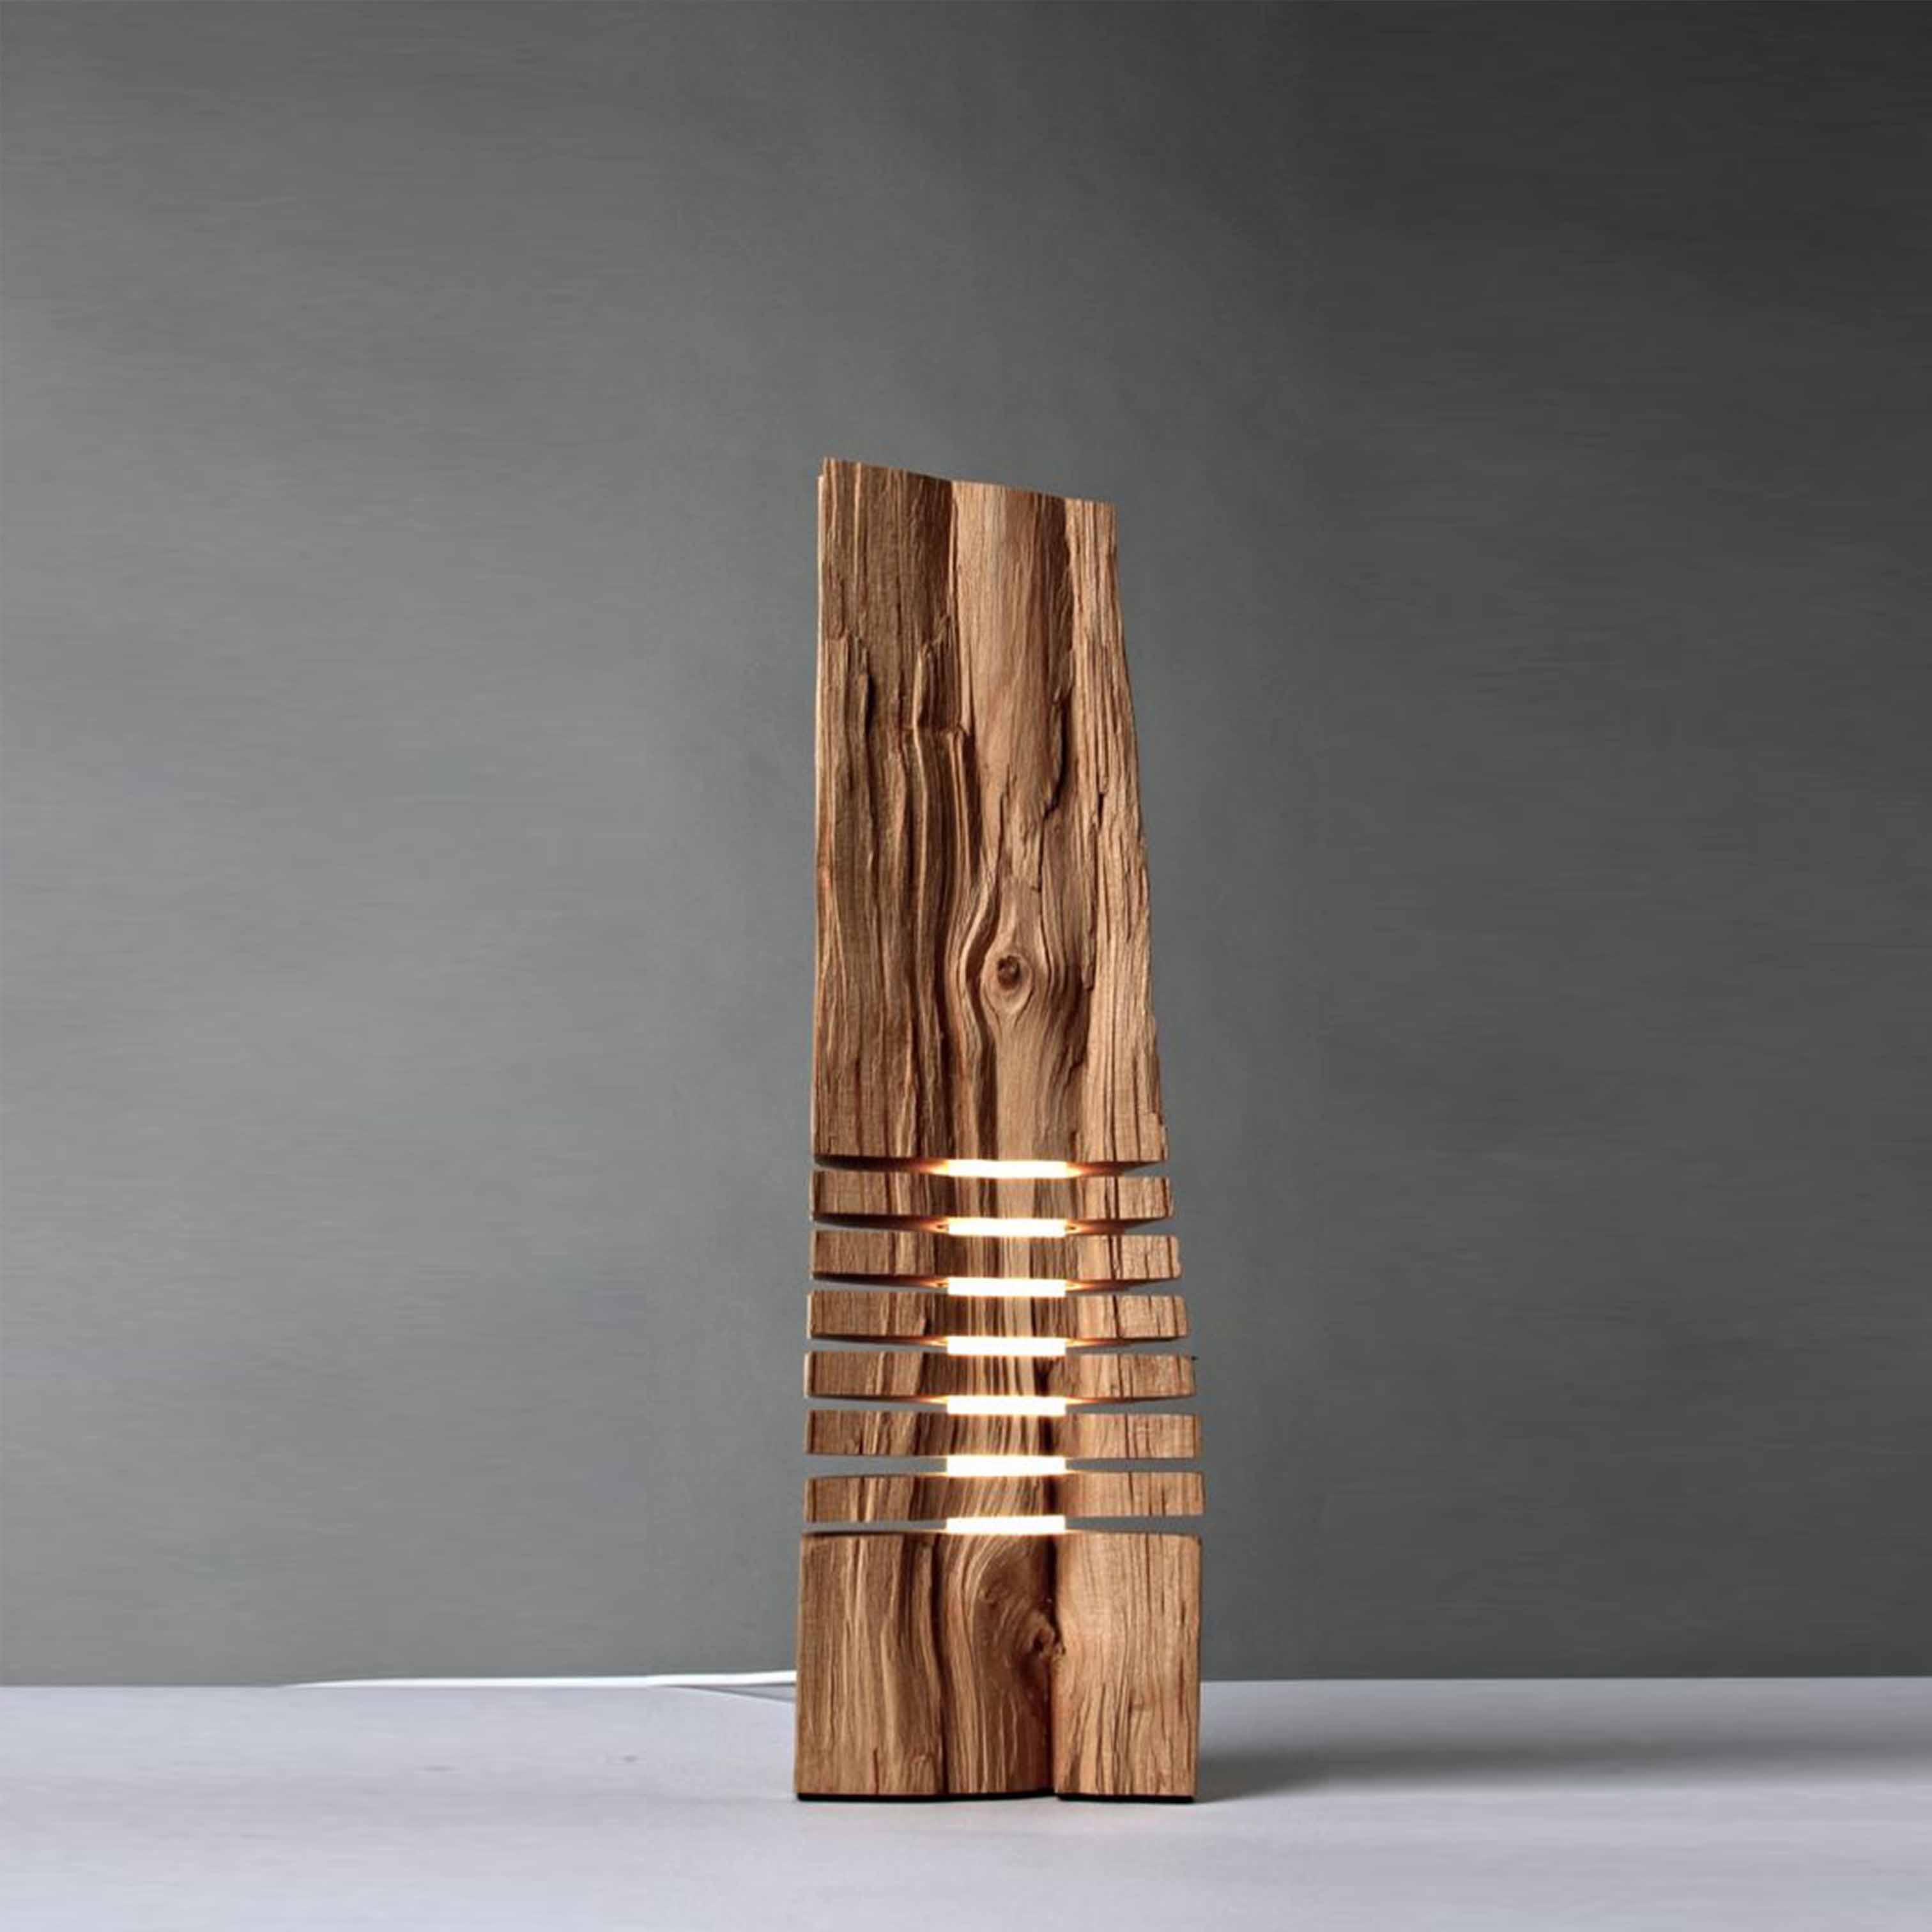 Đèn gỗ trang trí nghệ thuật - D41LHFU